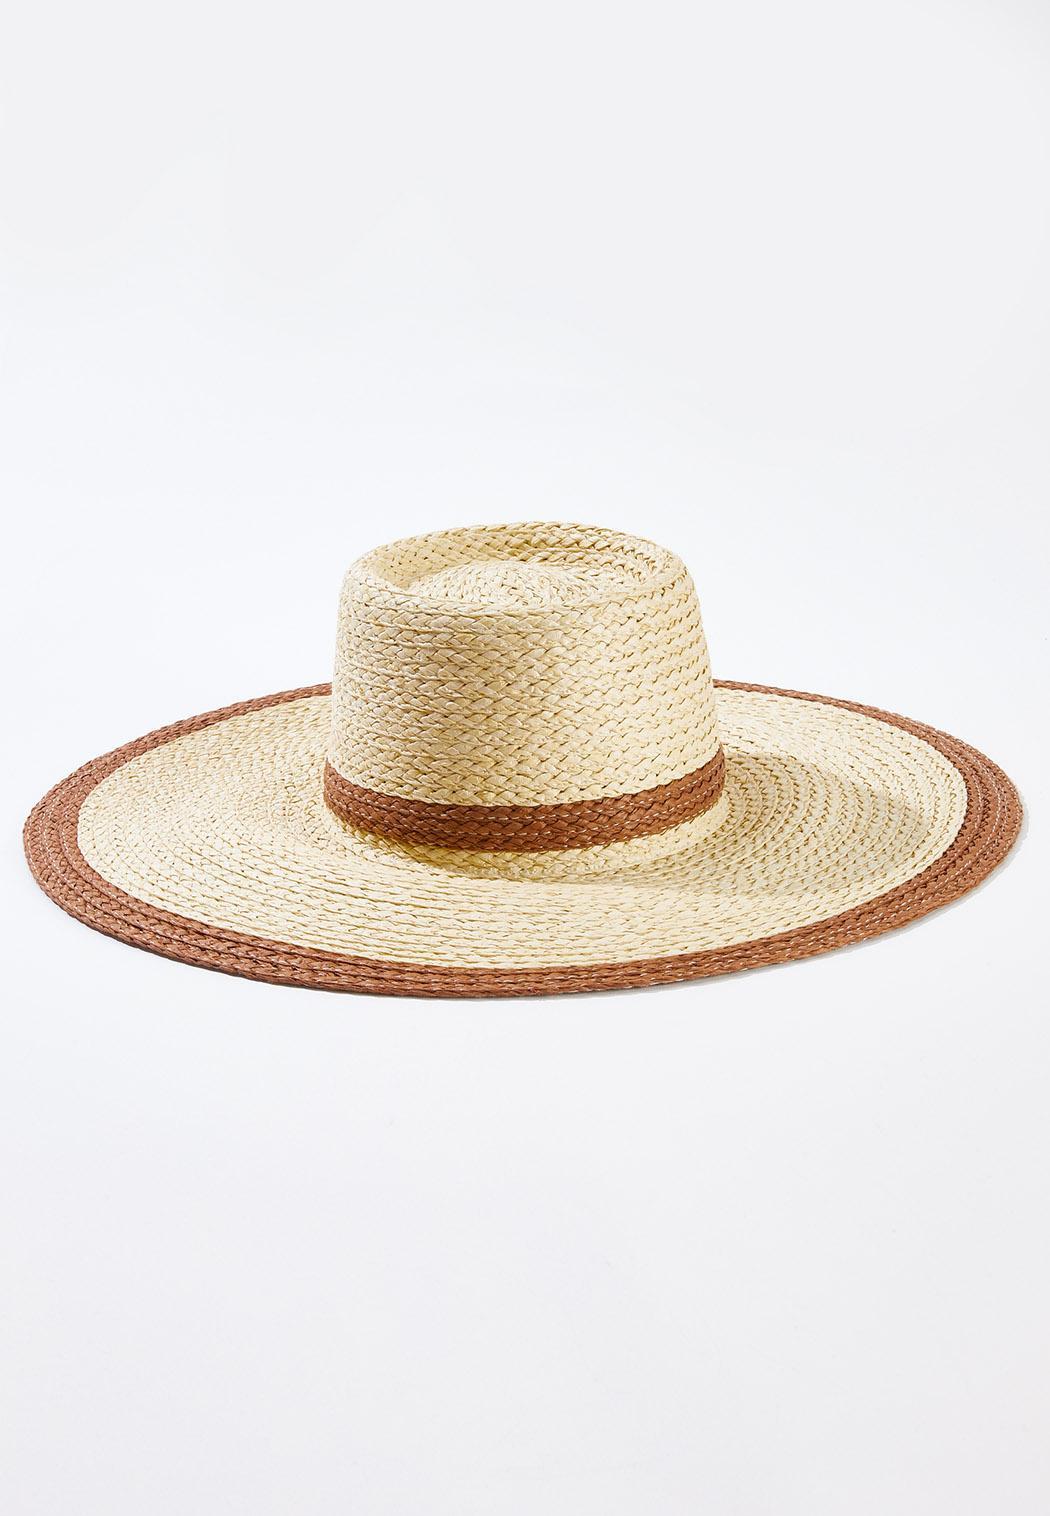 Two-Tone Straw Floppy Hat